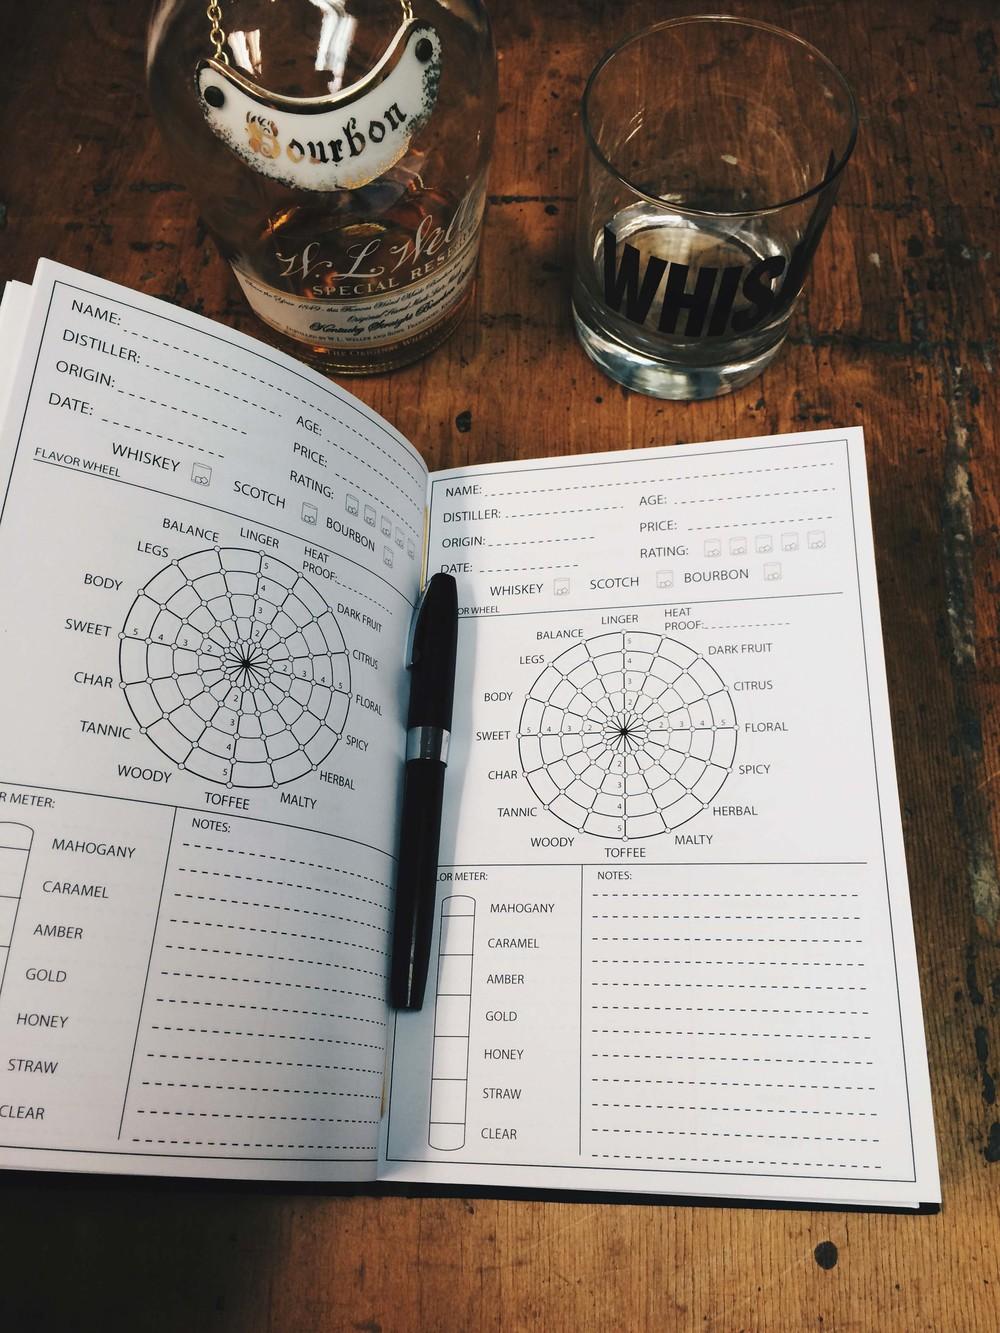 dski-design-bourbon-tasting-book-3.jpg